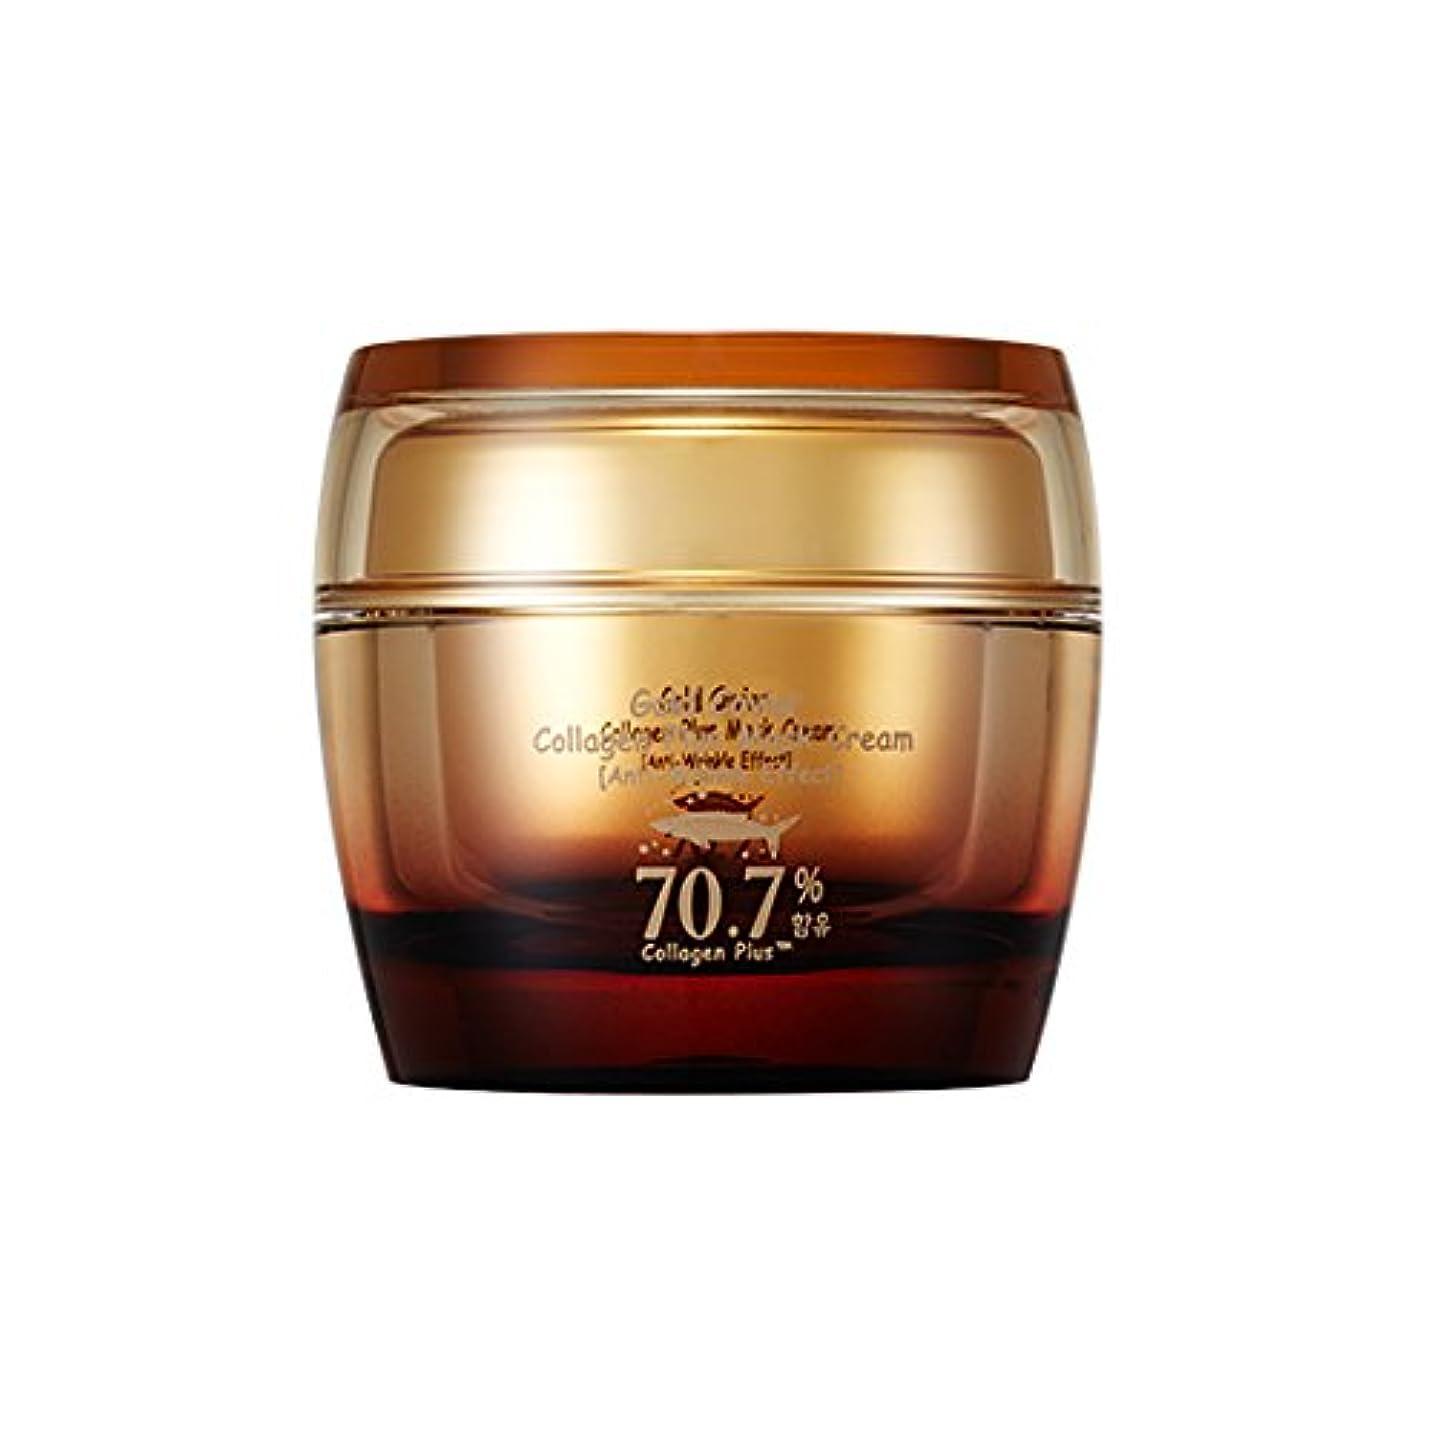 偶然ステンレス豚Skinfood ゴールドキャビアコラーゲンプラスクリーム(しわ防止効果) / Gold Caviar Collagen Plus Cream (Anti-Wrinkle Effect) 50g [並行輸入品]